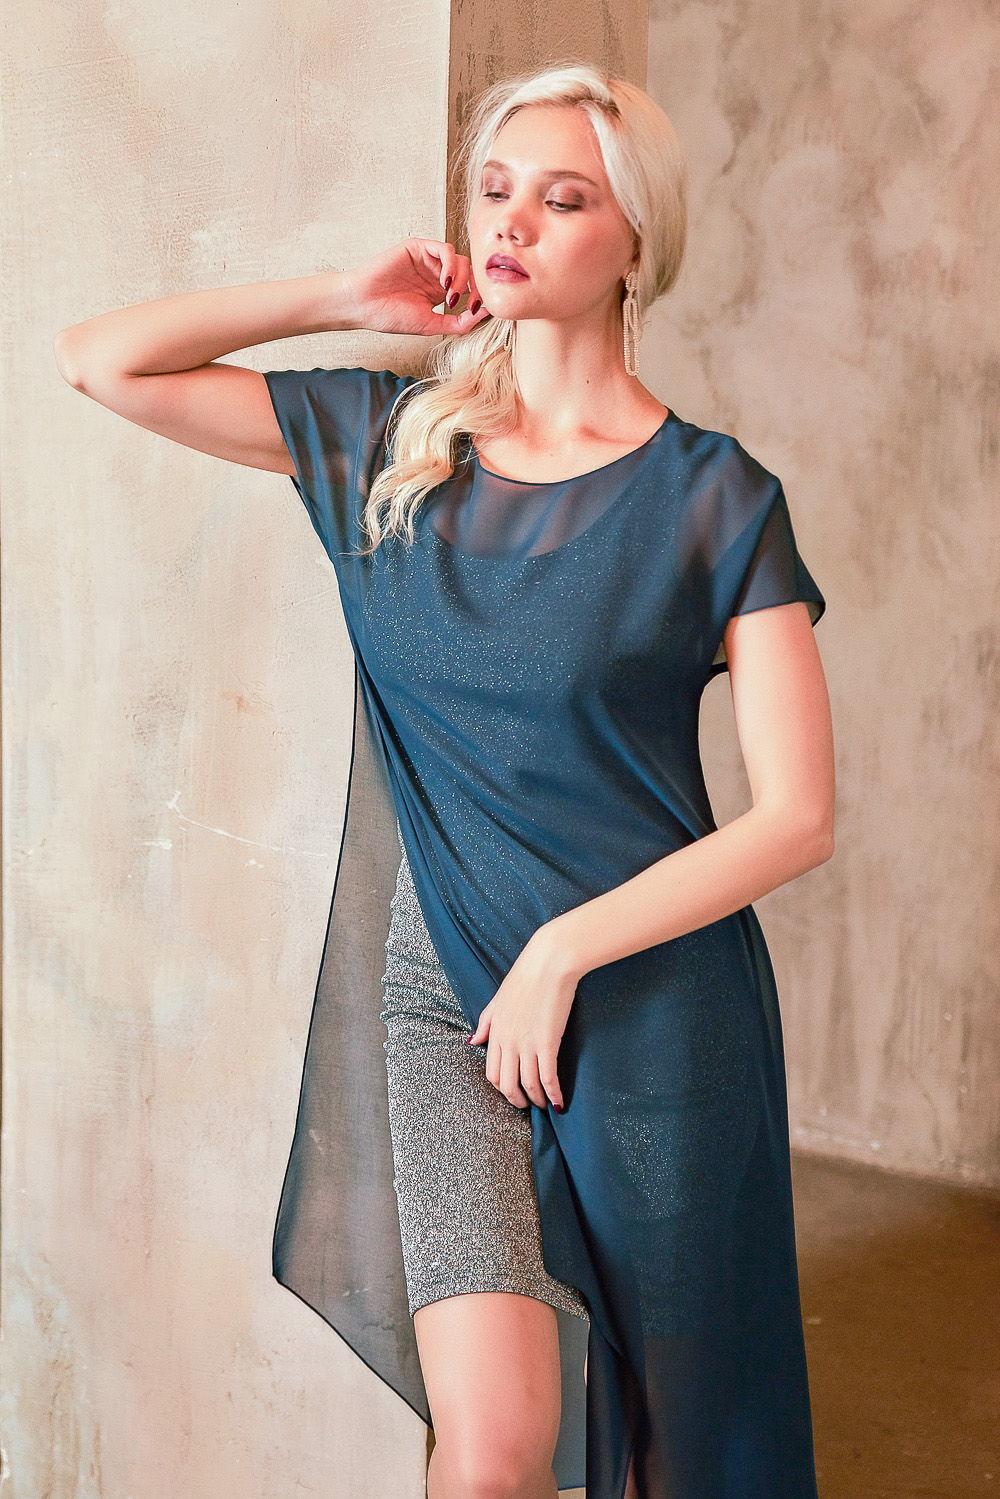 Платье З431-217 - Короткое прилегающее платье-майка переливающегося сиянием однотонного стального цвета.Оно отличается свободным кроем, добавив к которому немного фантазии, можно создать замечательный и индивидуальный образ.Платье из поливискозы дарит вам приятную тактильную мягкость, а эластан обеспечивает безупречную посадку по фигуре, эластичность и упругость.Платье эффектно подчеркивает контуры тела. Сочетает в себе удобство и практичность. В комплекте с лёгкой полу-прозрачной накидкой великолепно подойдет для создания вечернего образа.